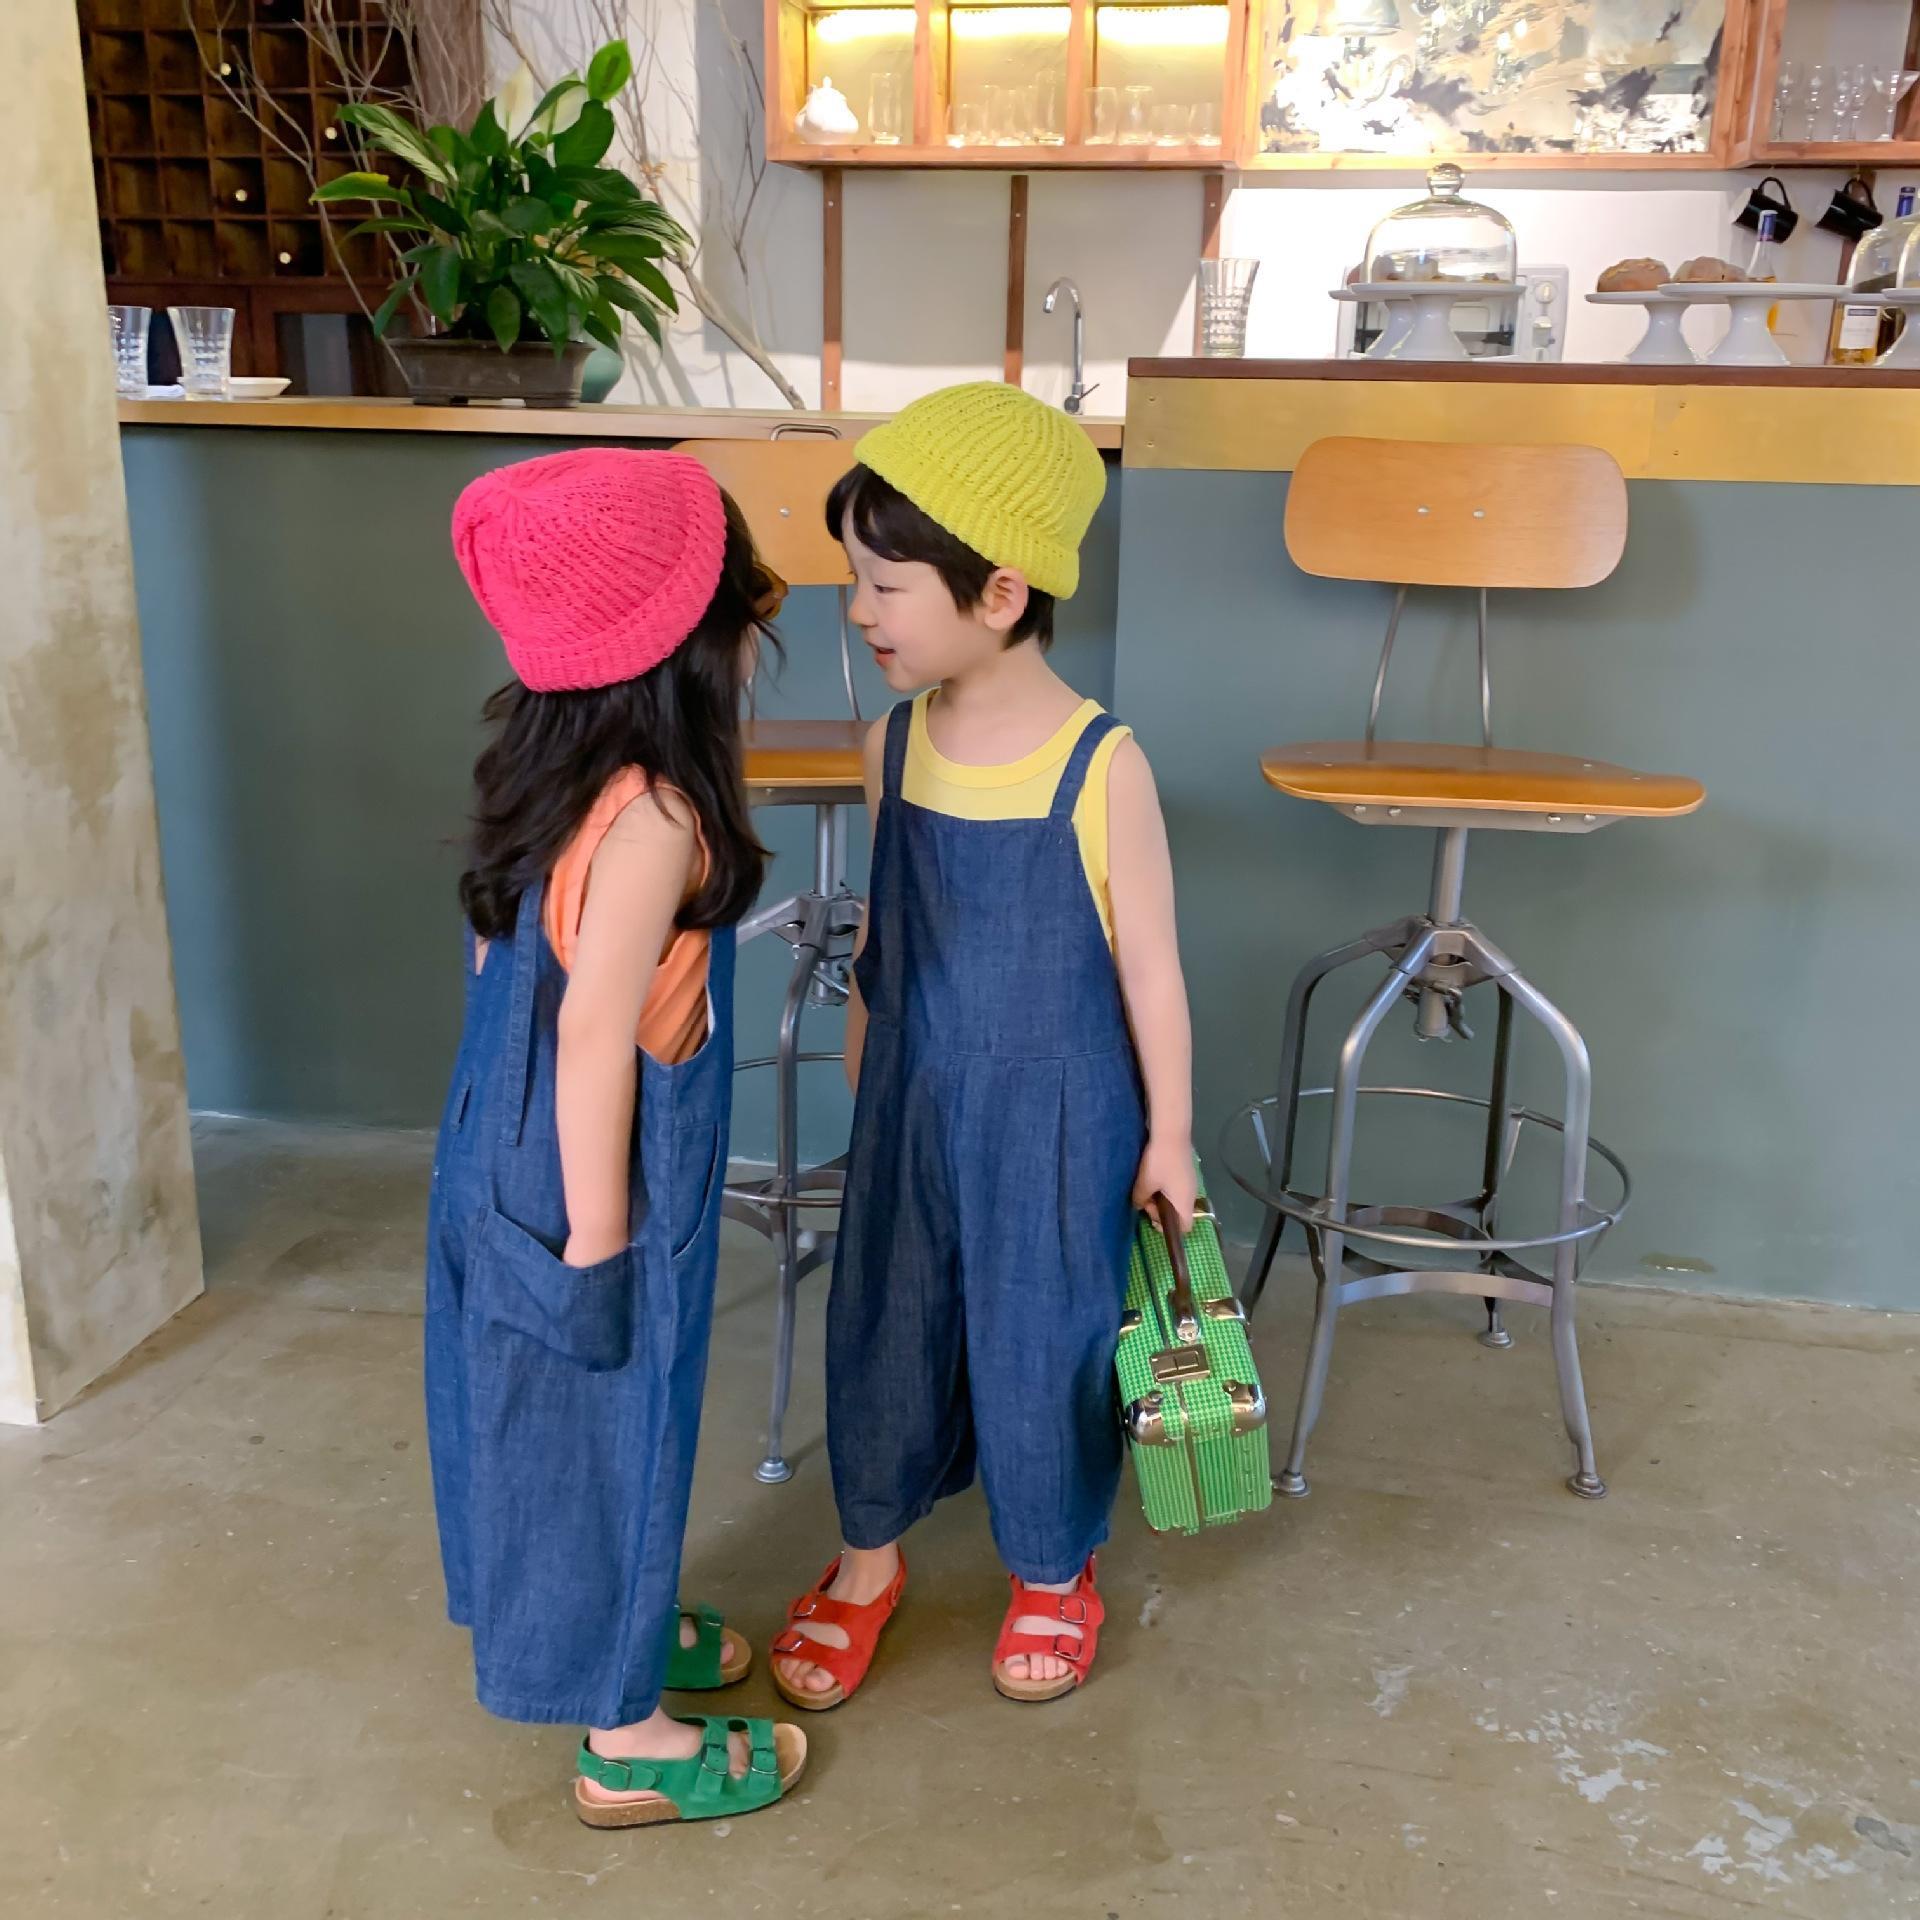 pantalones de la correa de XY.KIDS Muchacha del verano de mezclilla estilo coreano del mono de la ropa de los niños del estilo de los niños extranjeros del bebé de sexo masculino